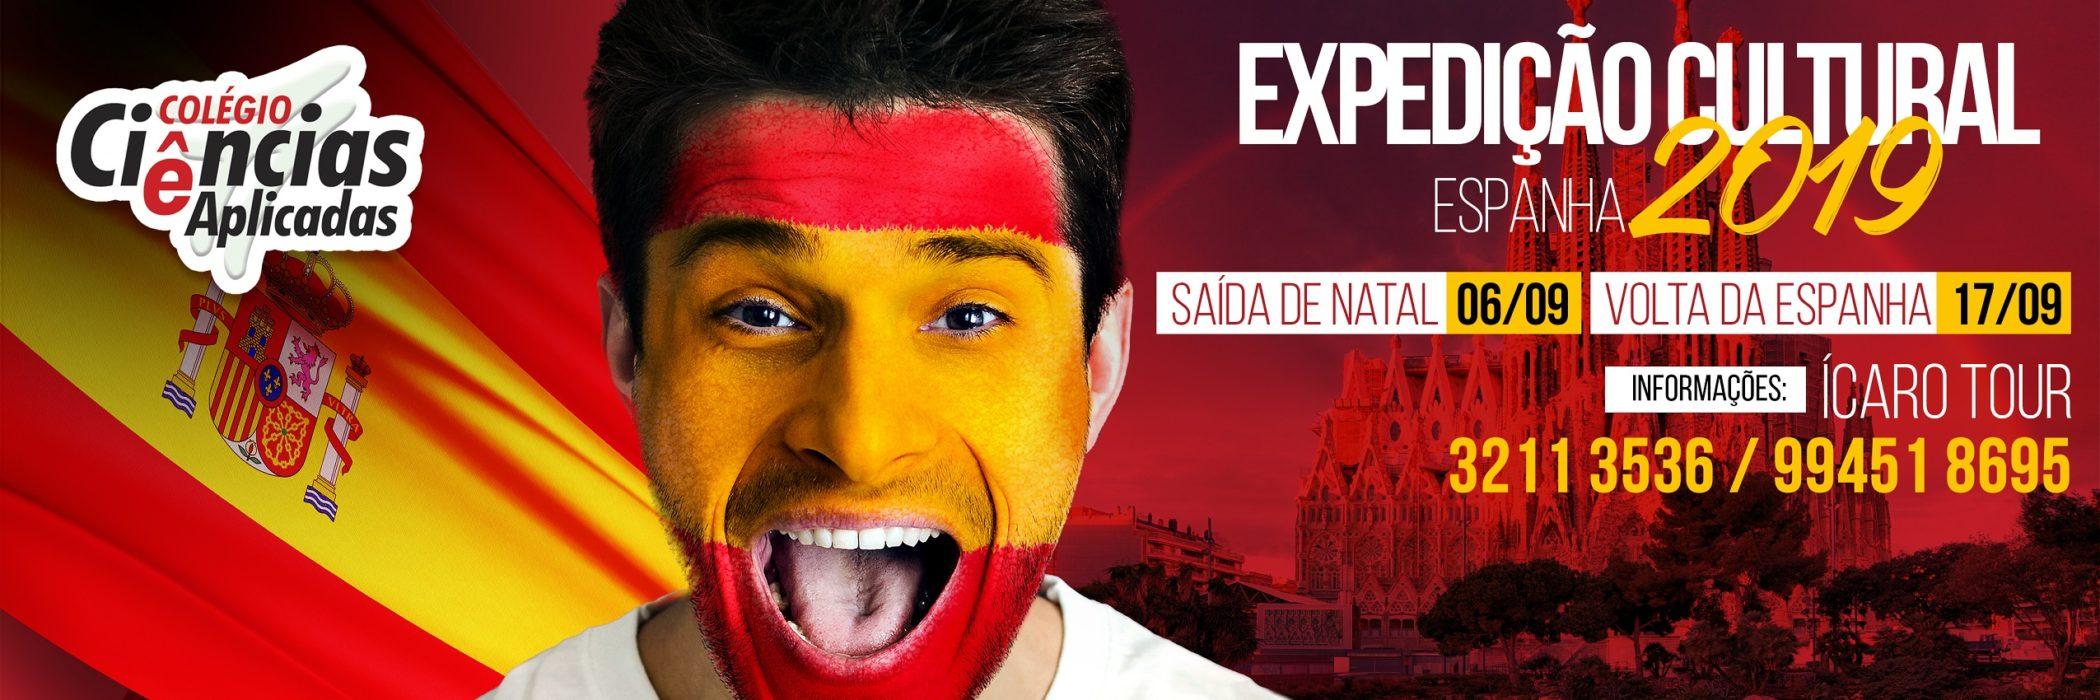 Expedição Cultural Espanha